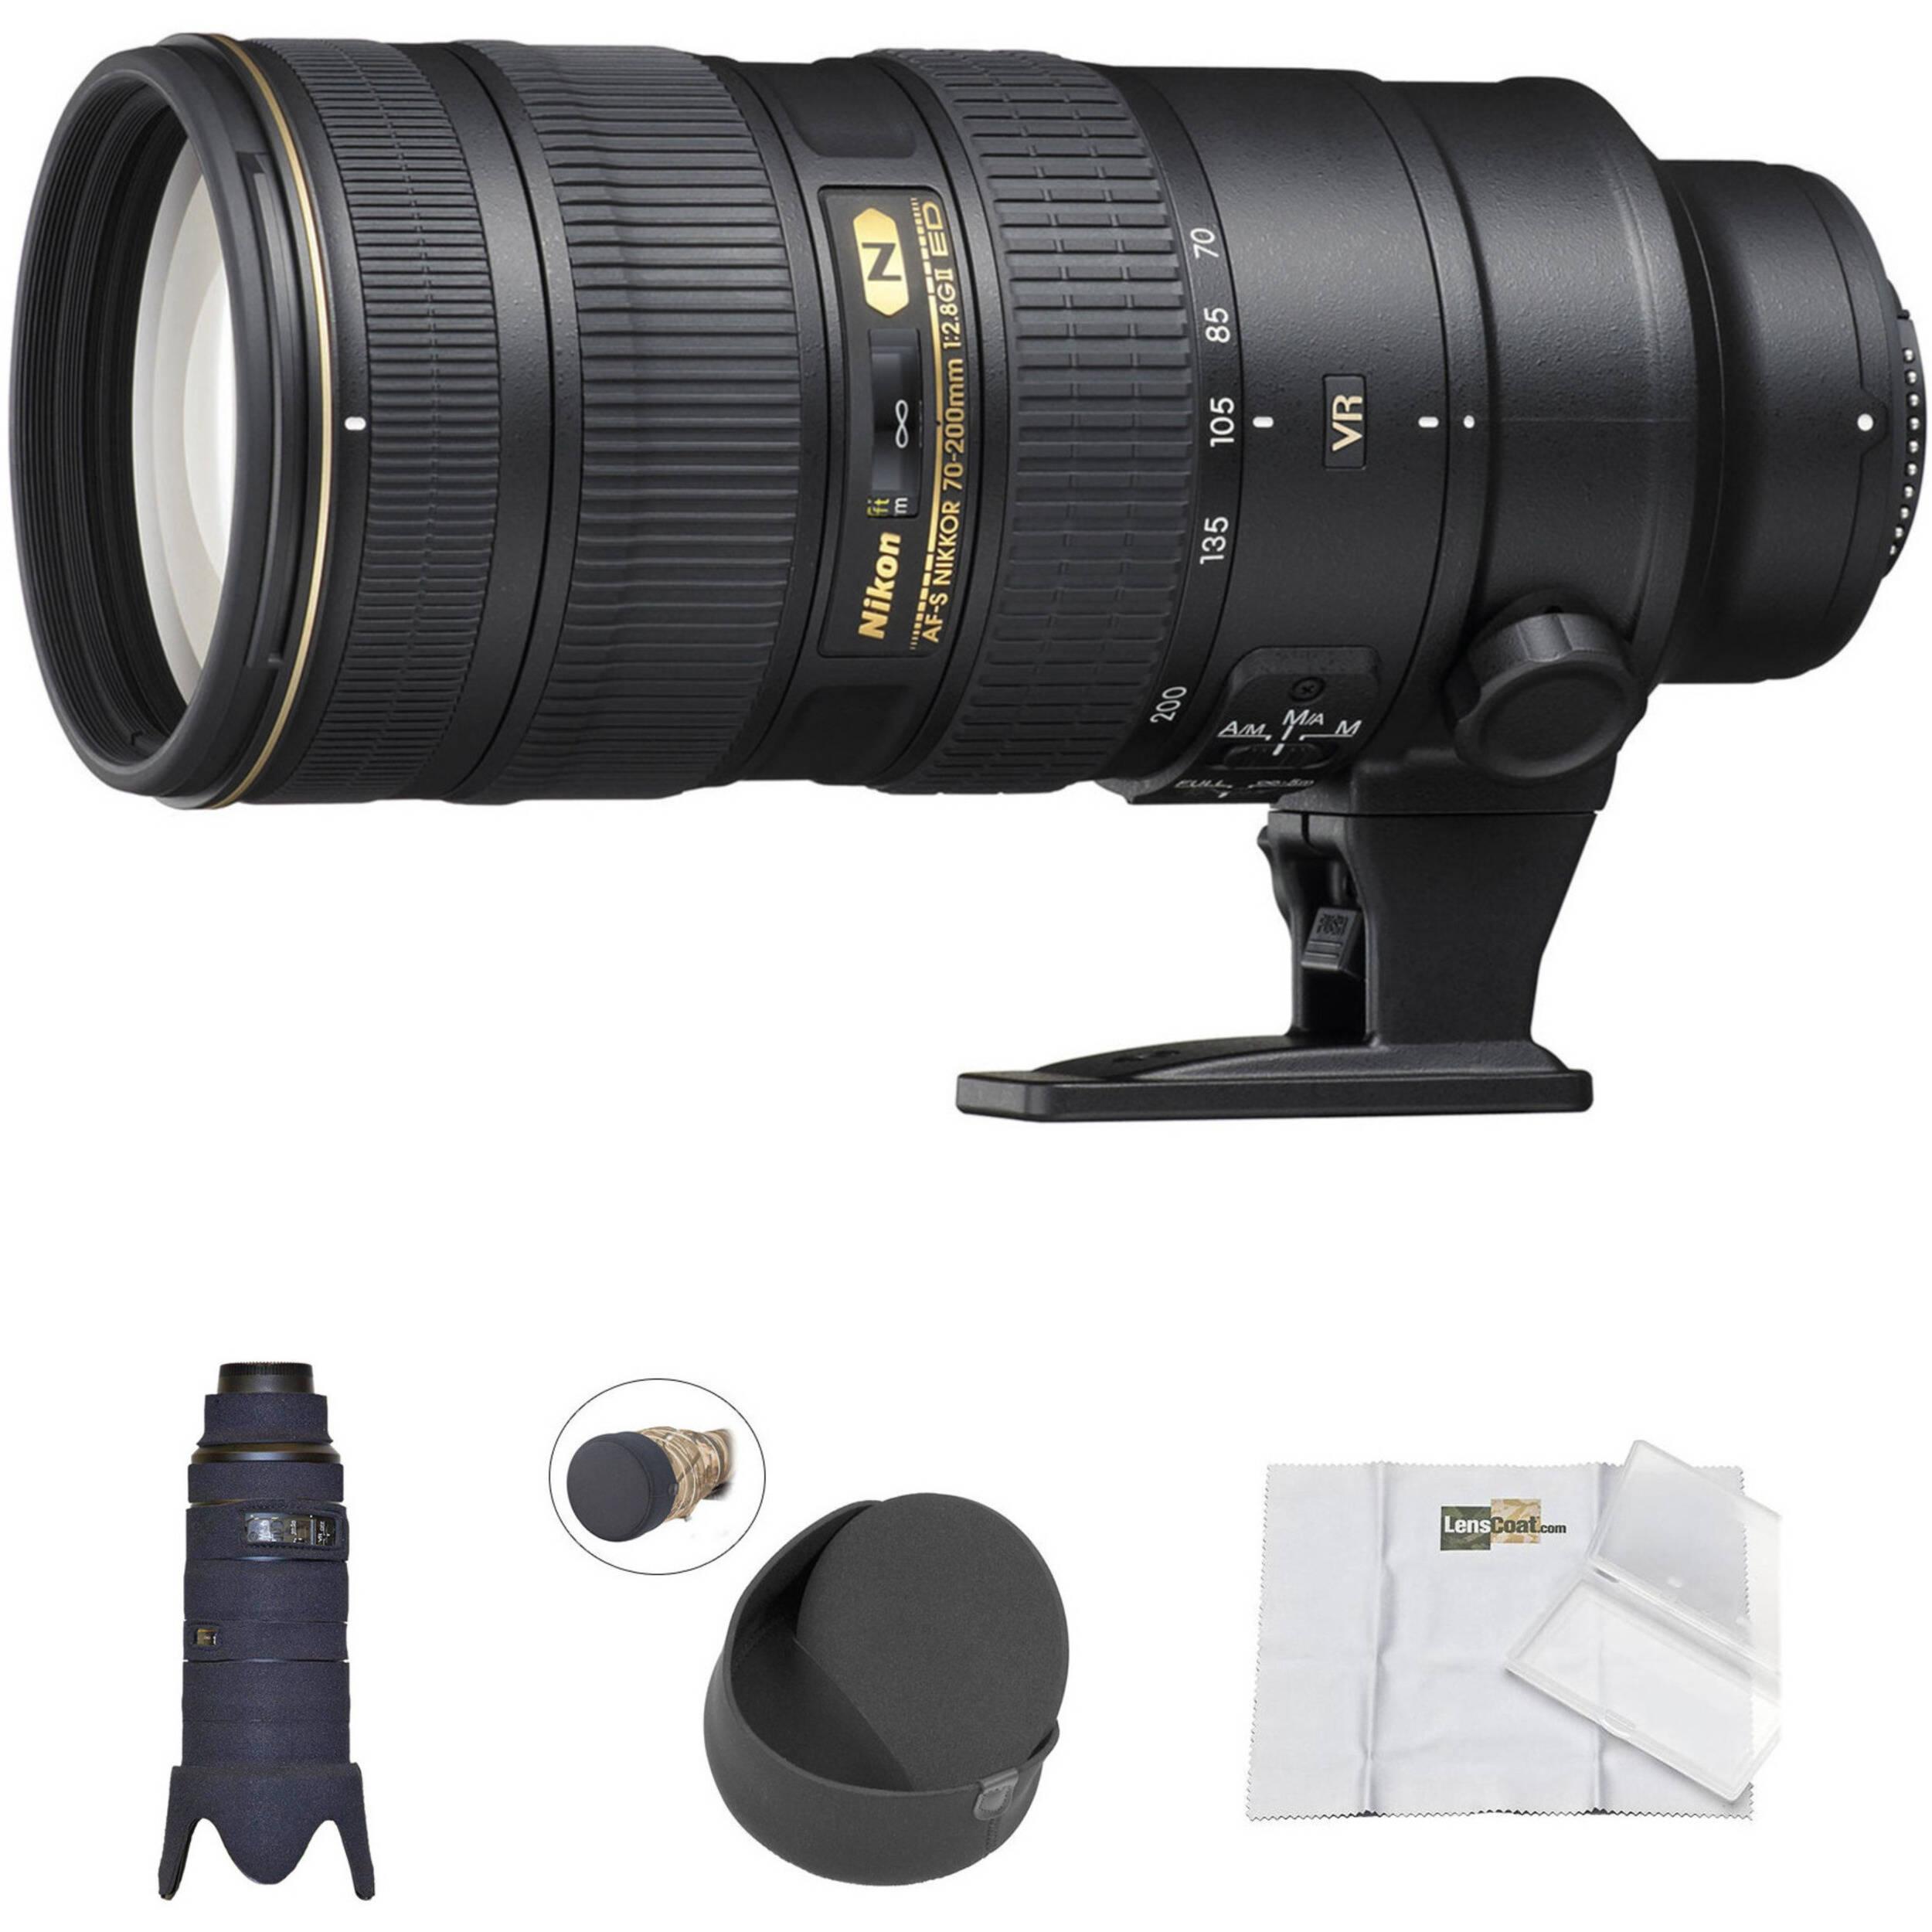 ba6f830f0503a Nikon AF-S 70-200mm f 2.8G ED VR II Lens with Black LensCoat Cover